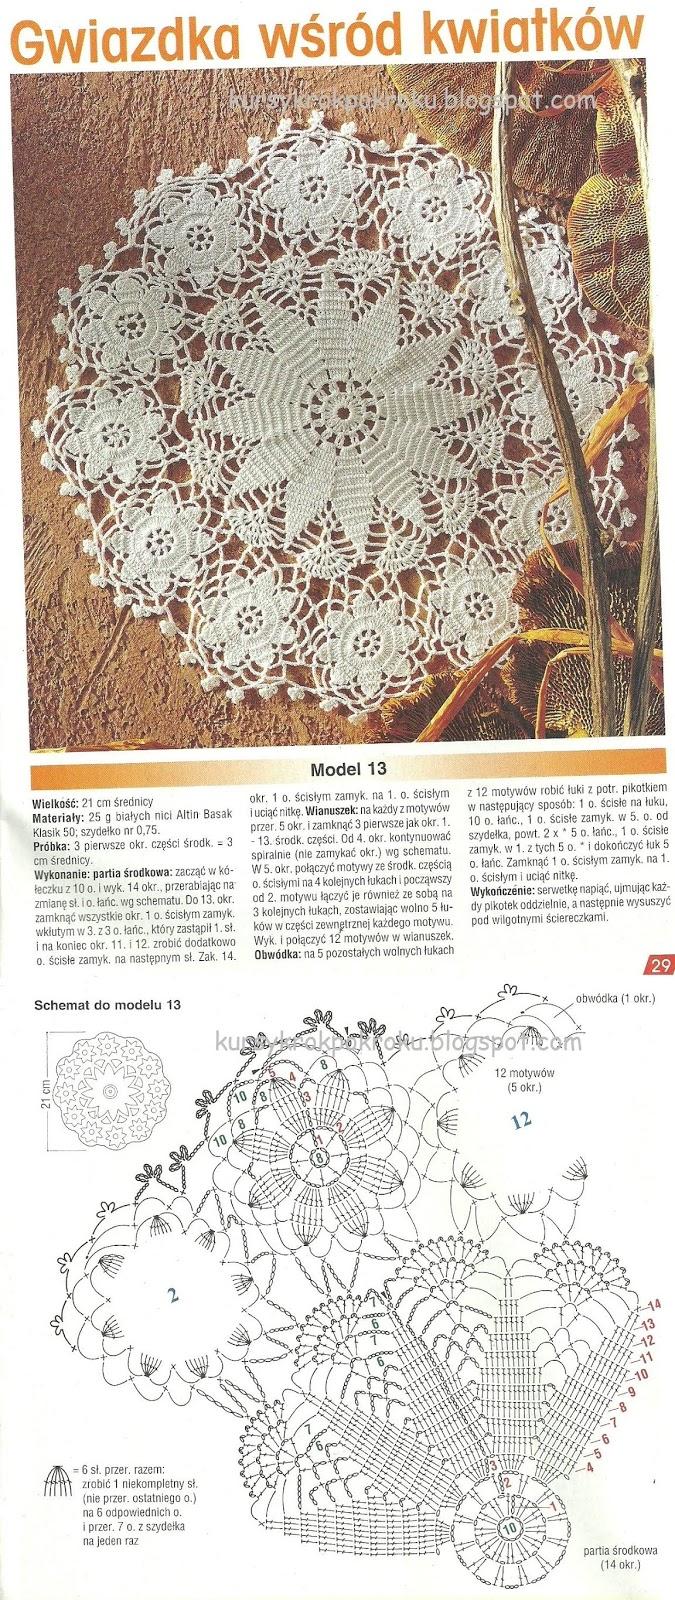 Okrągła serwetka w kwiaty - schemat i opis DIY